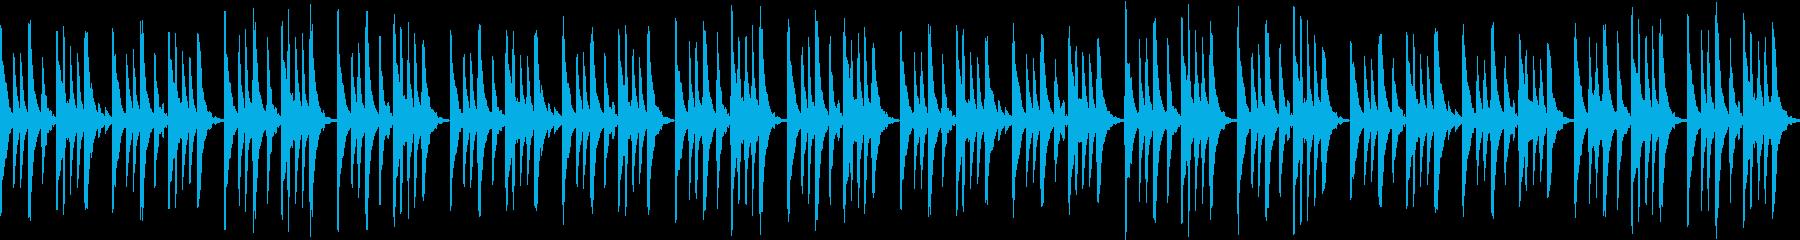 ほのぼの まったり トークBGMや映像にの再生済みの波形